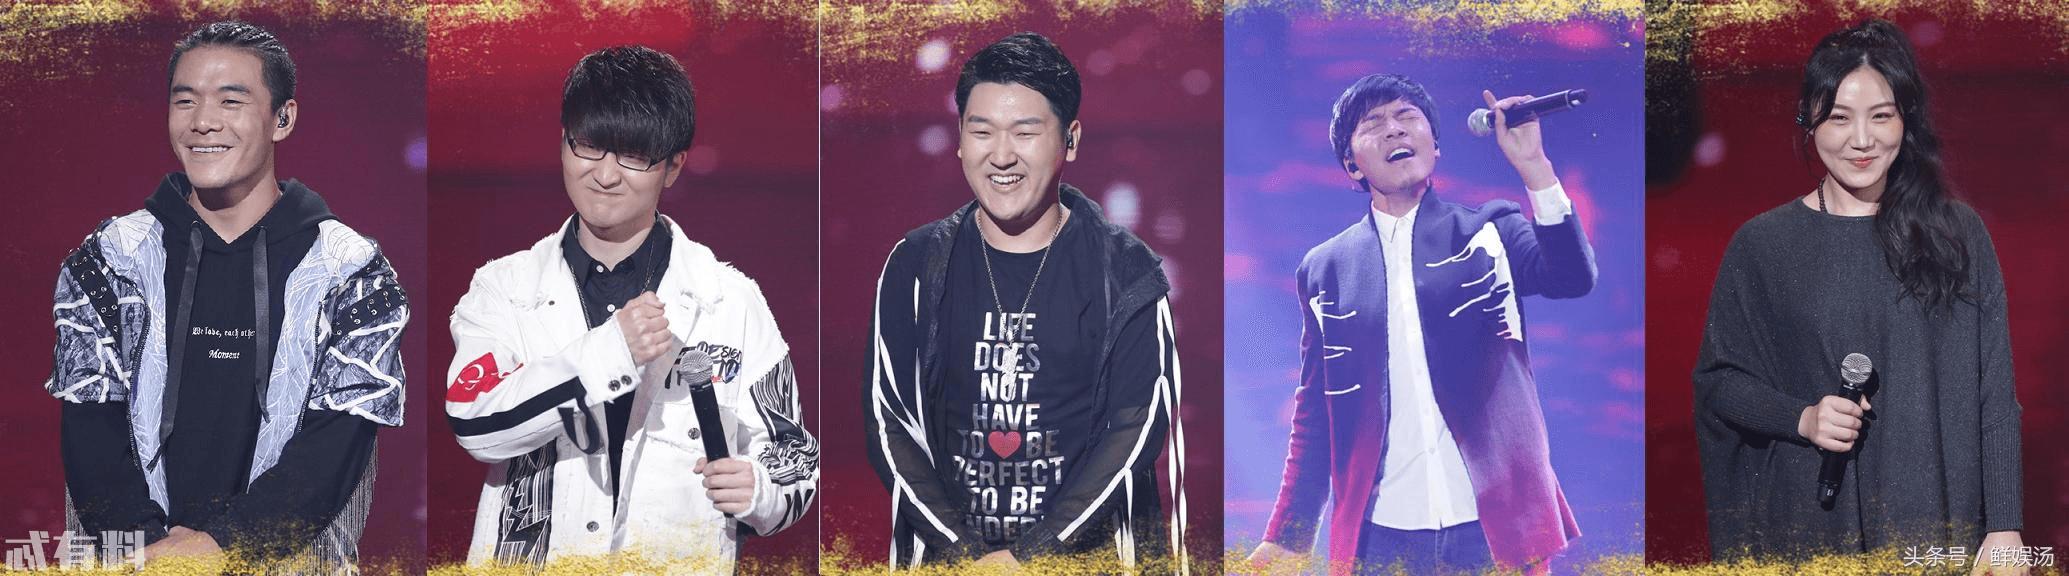 中国好声音2018鸟巢总决赛结果出炉 旦增尼玛获得总冠军